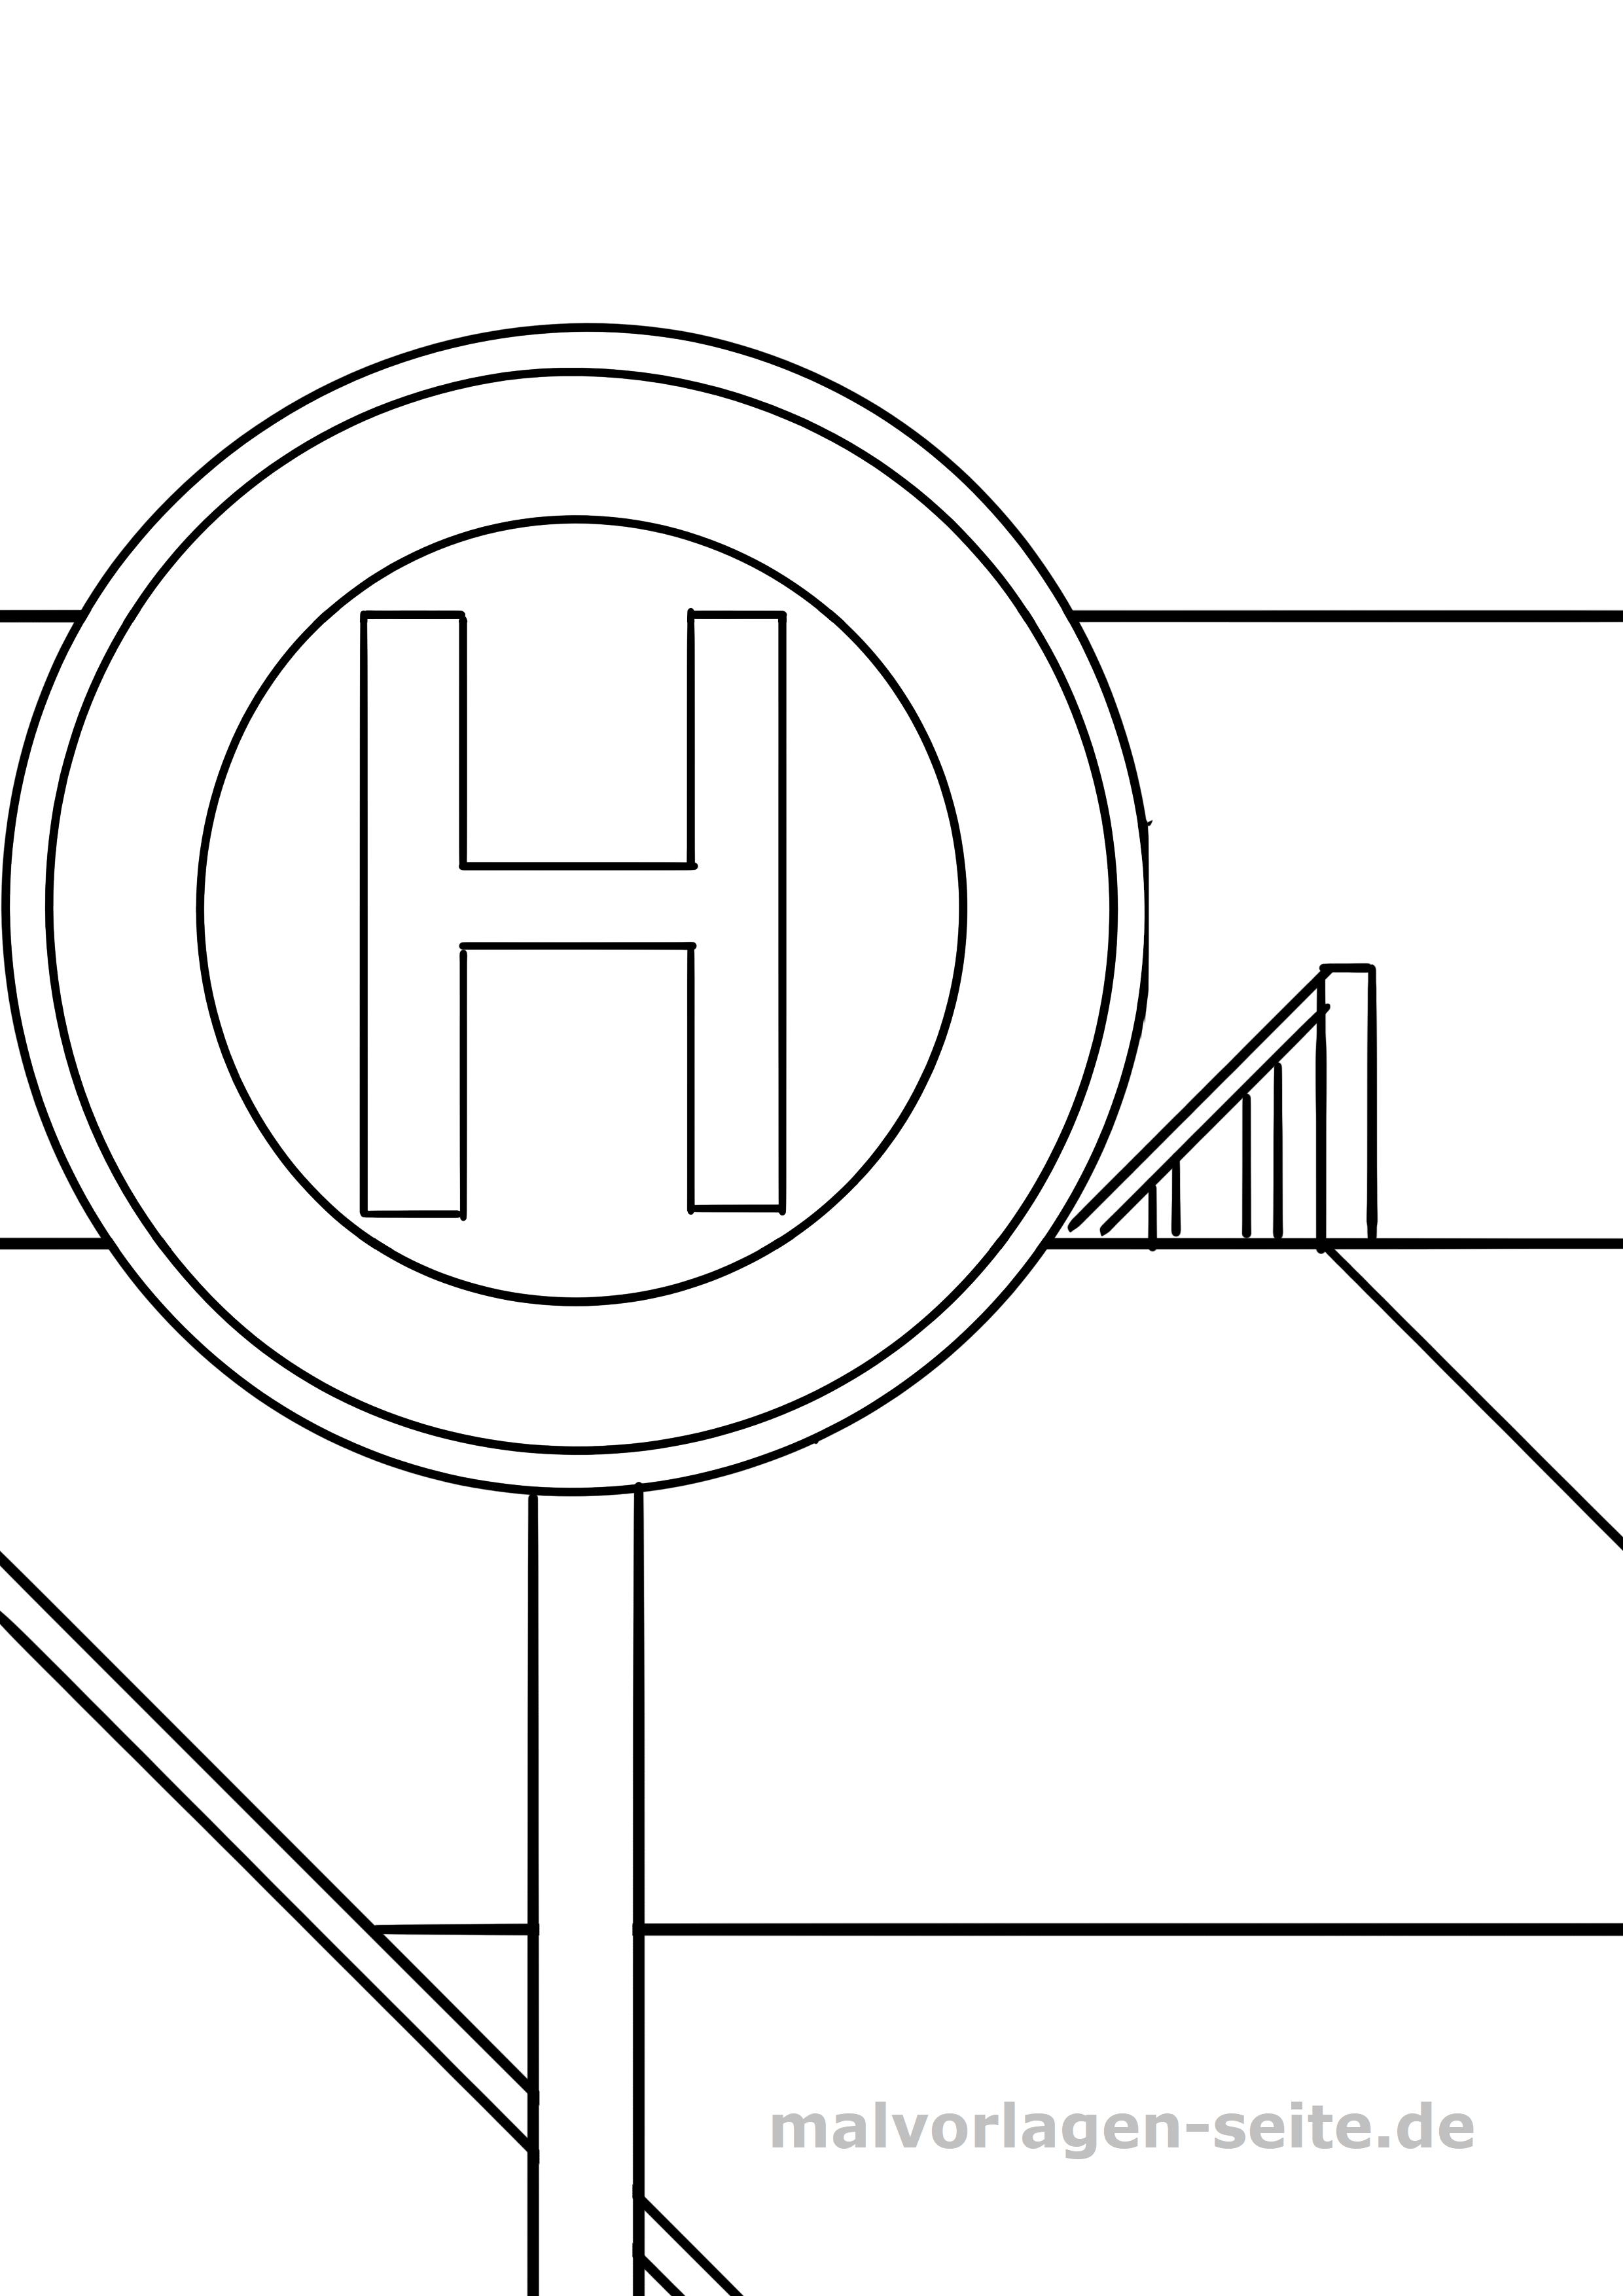 arbeitsblatt verkehrszeichen zum ausmalen